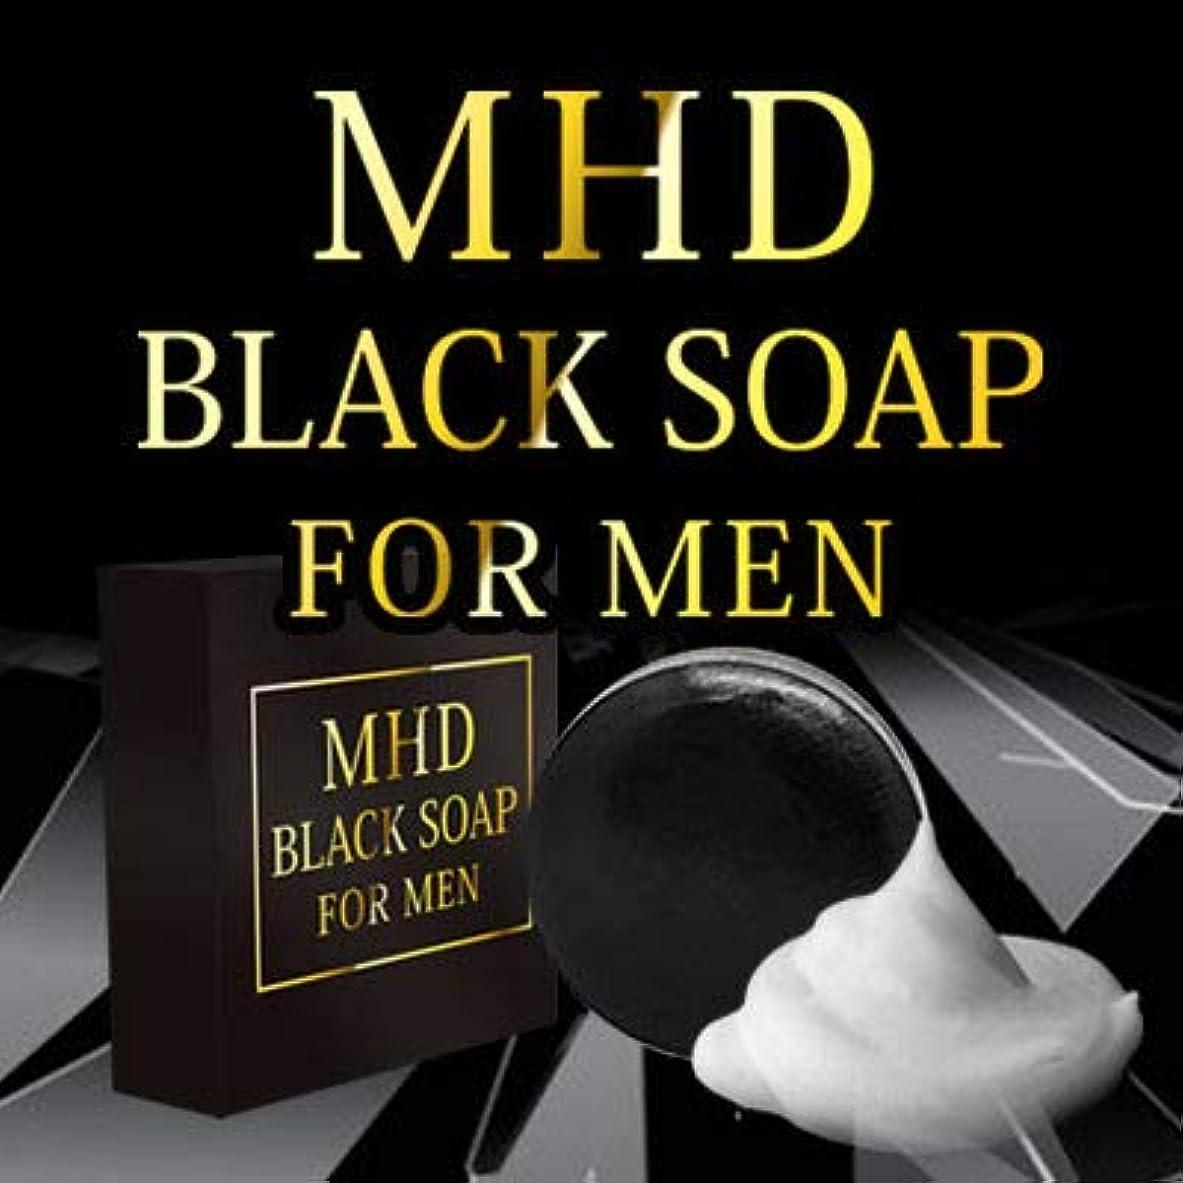 革新体操選手陸軍MHD石鹸(BLACK SOAP FOR MEN) メンズ用全身ソープ